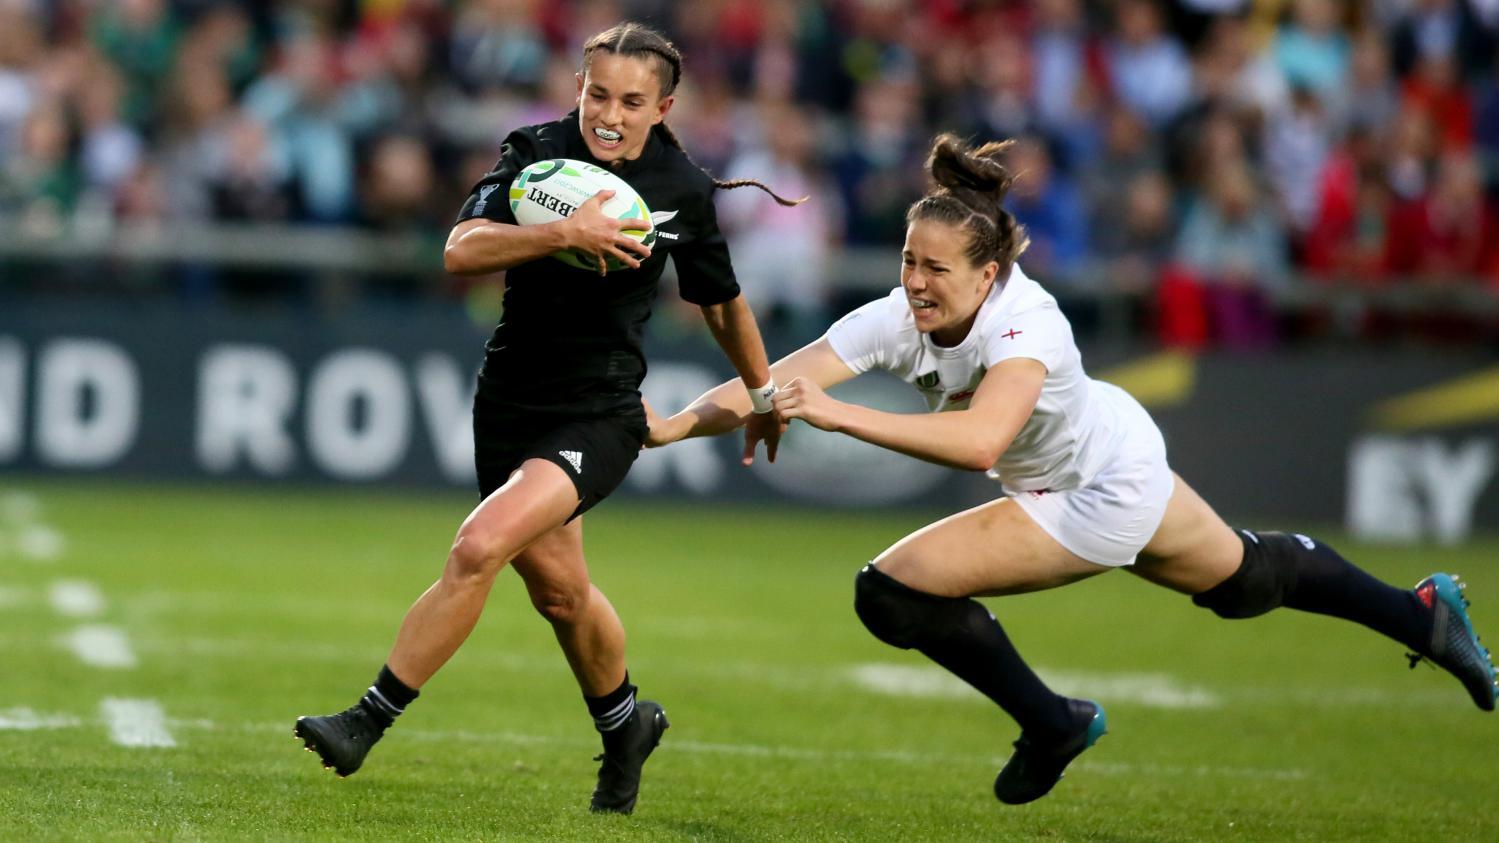 La nouvelle z lande remporte la coupe du monde f minine de - Coupe du monde de rugby en angleterre ...